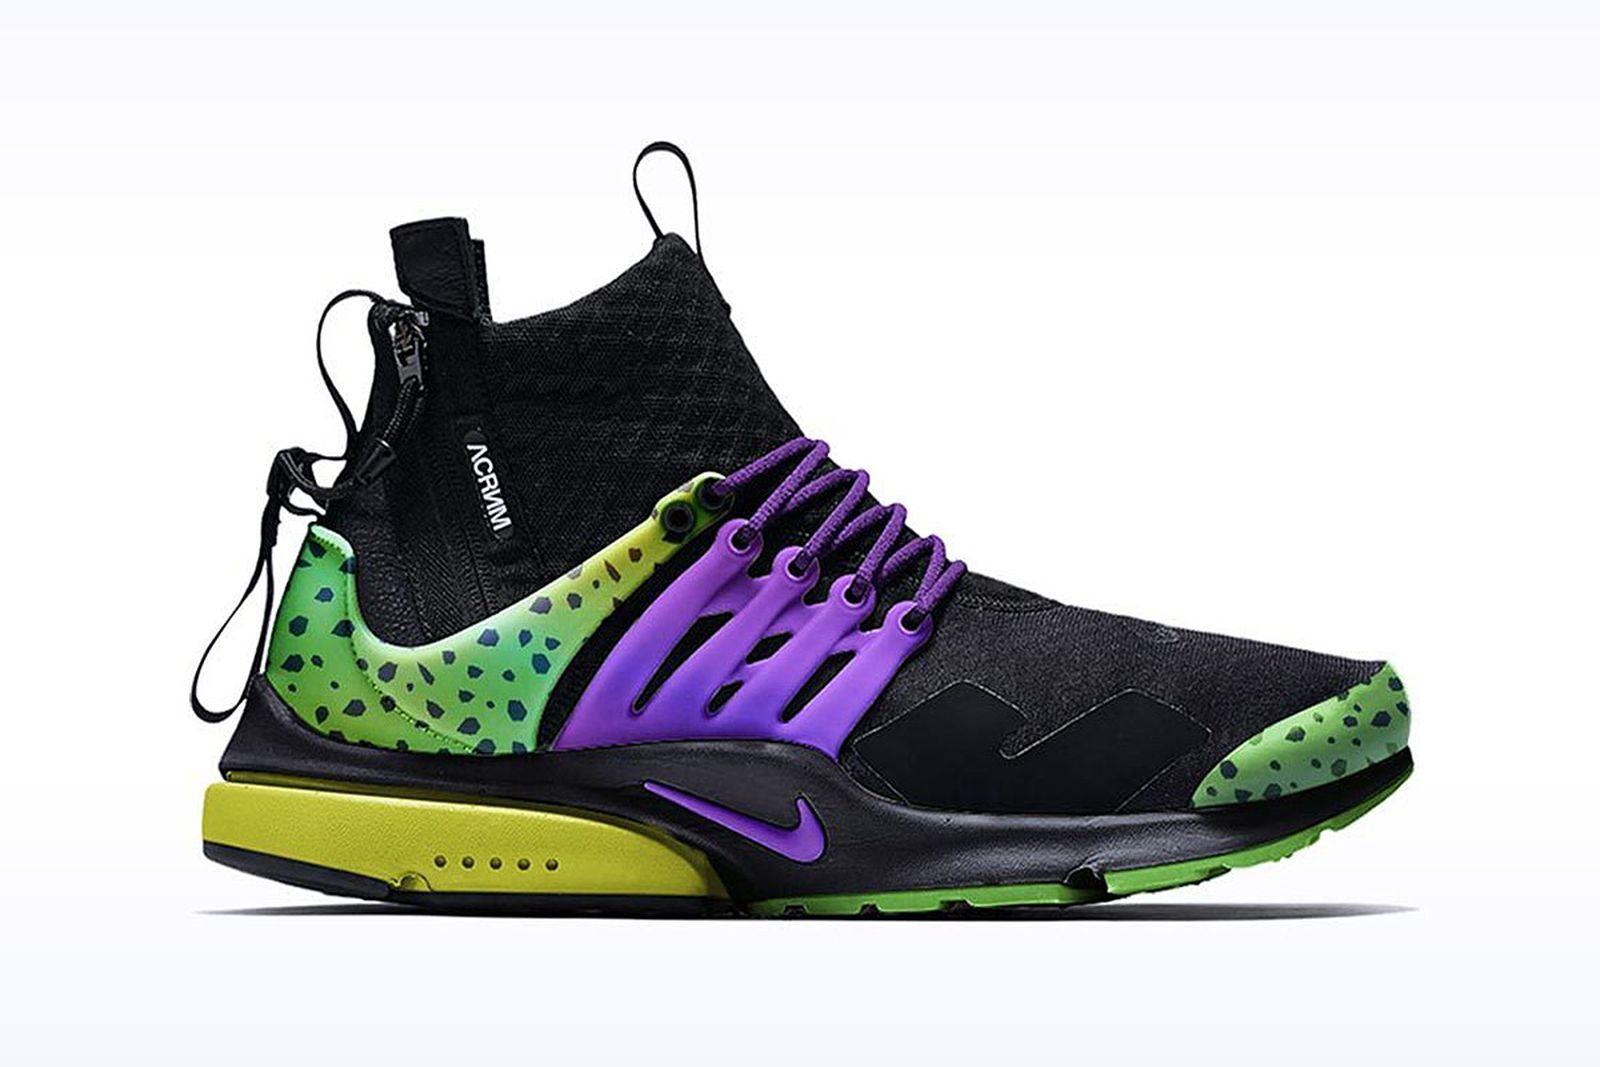 Polar Interprete Florecer  These 'Dragon Ball Z' x Nike Concept Sneakers Are Incredible